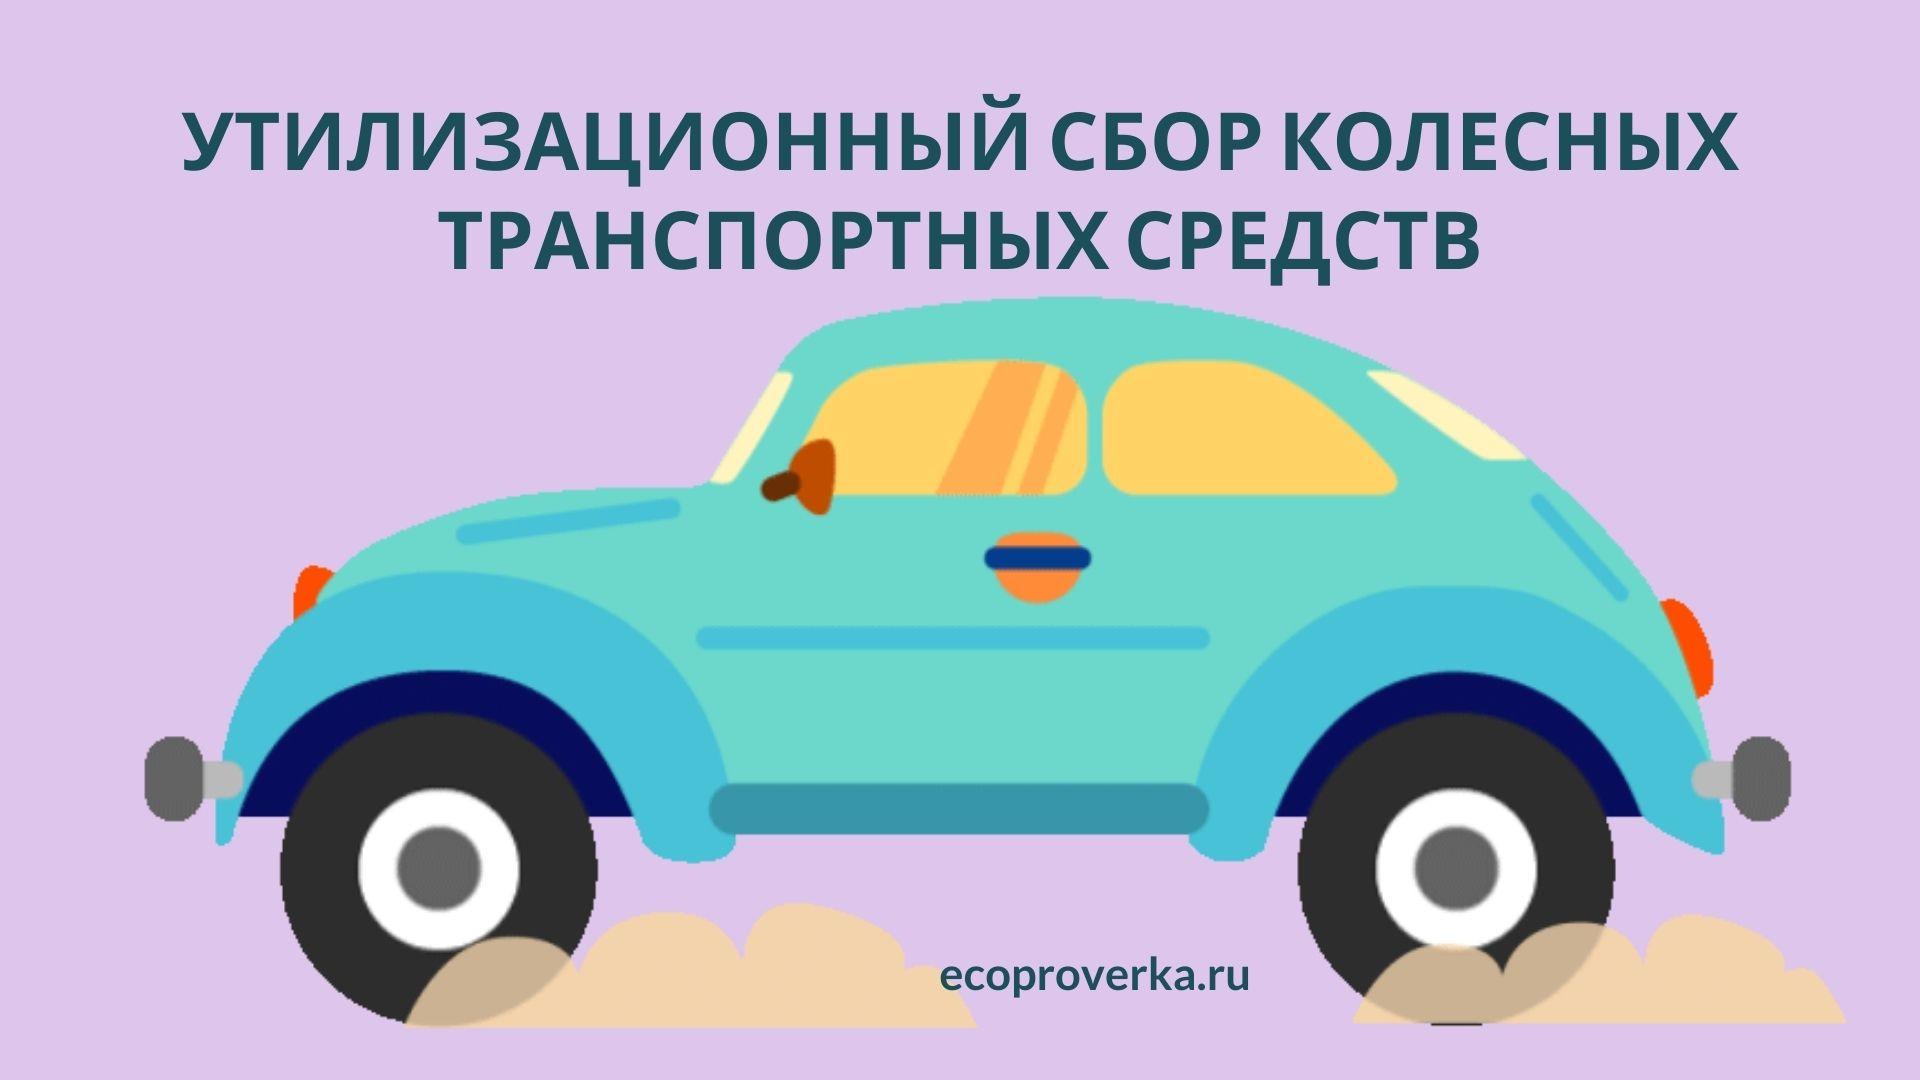 Утилизационный сбор колесных транспортных средств